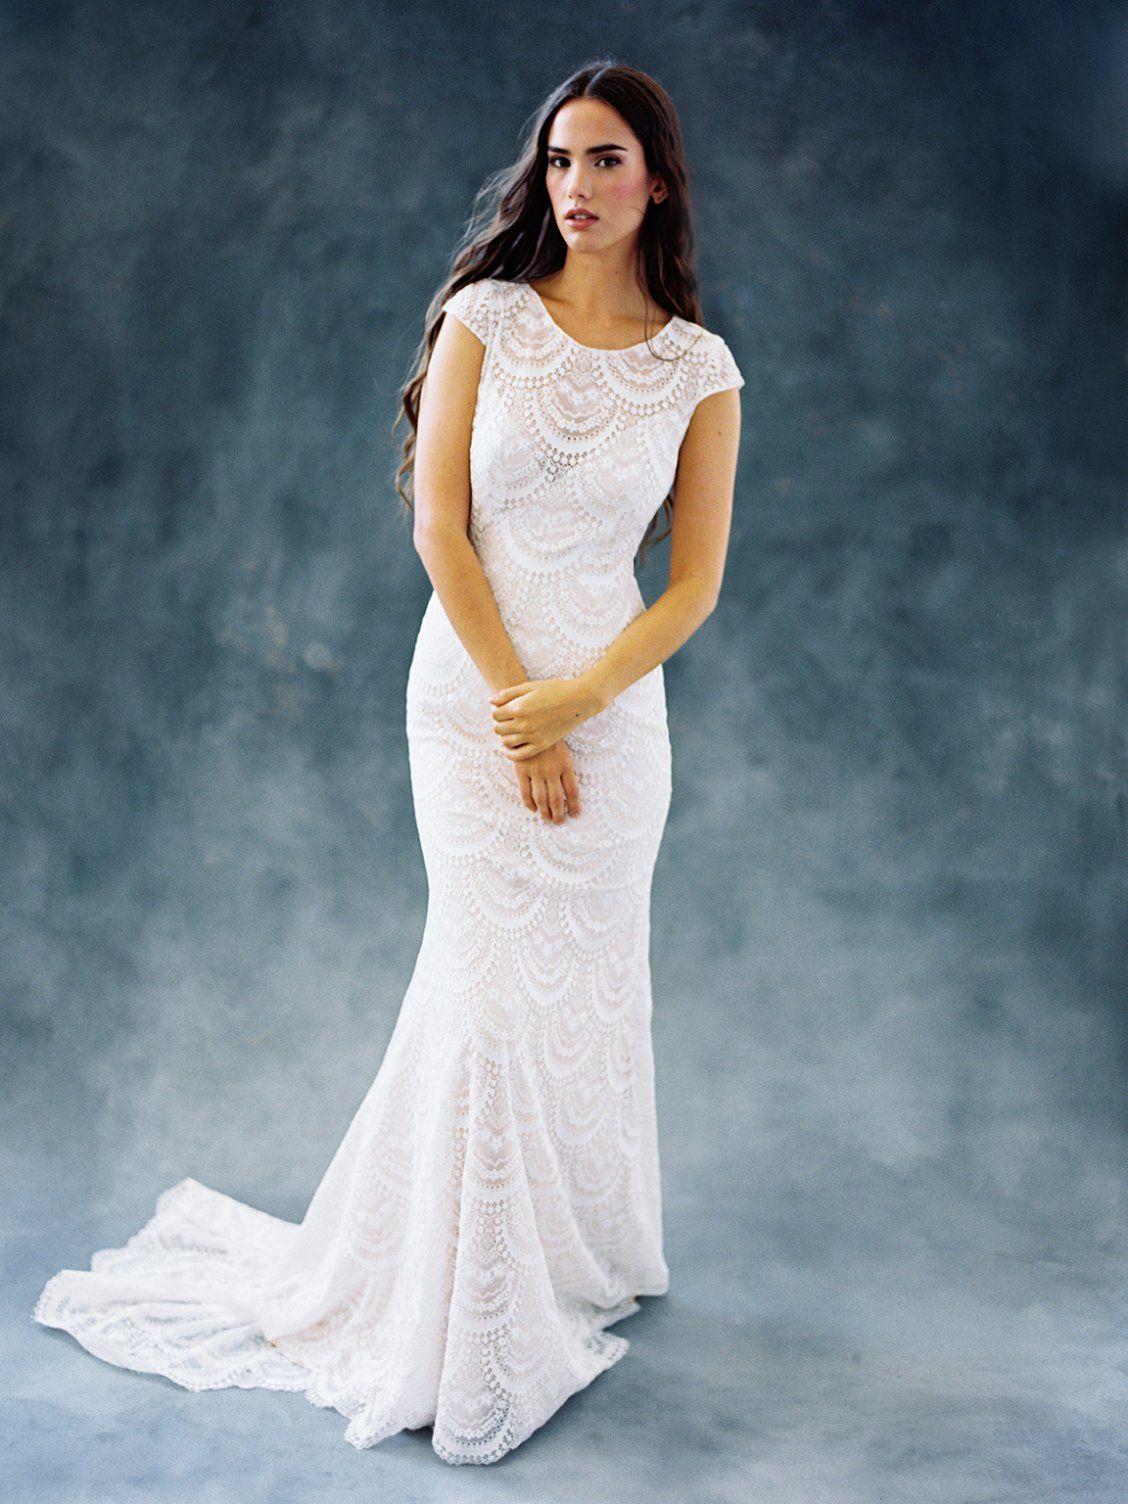 Fernu wilderly bride wilderly brides pinterest fern wedding